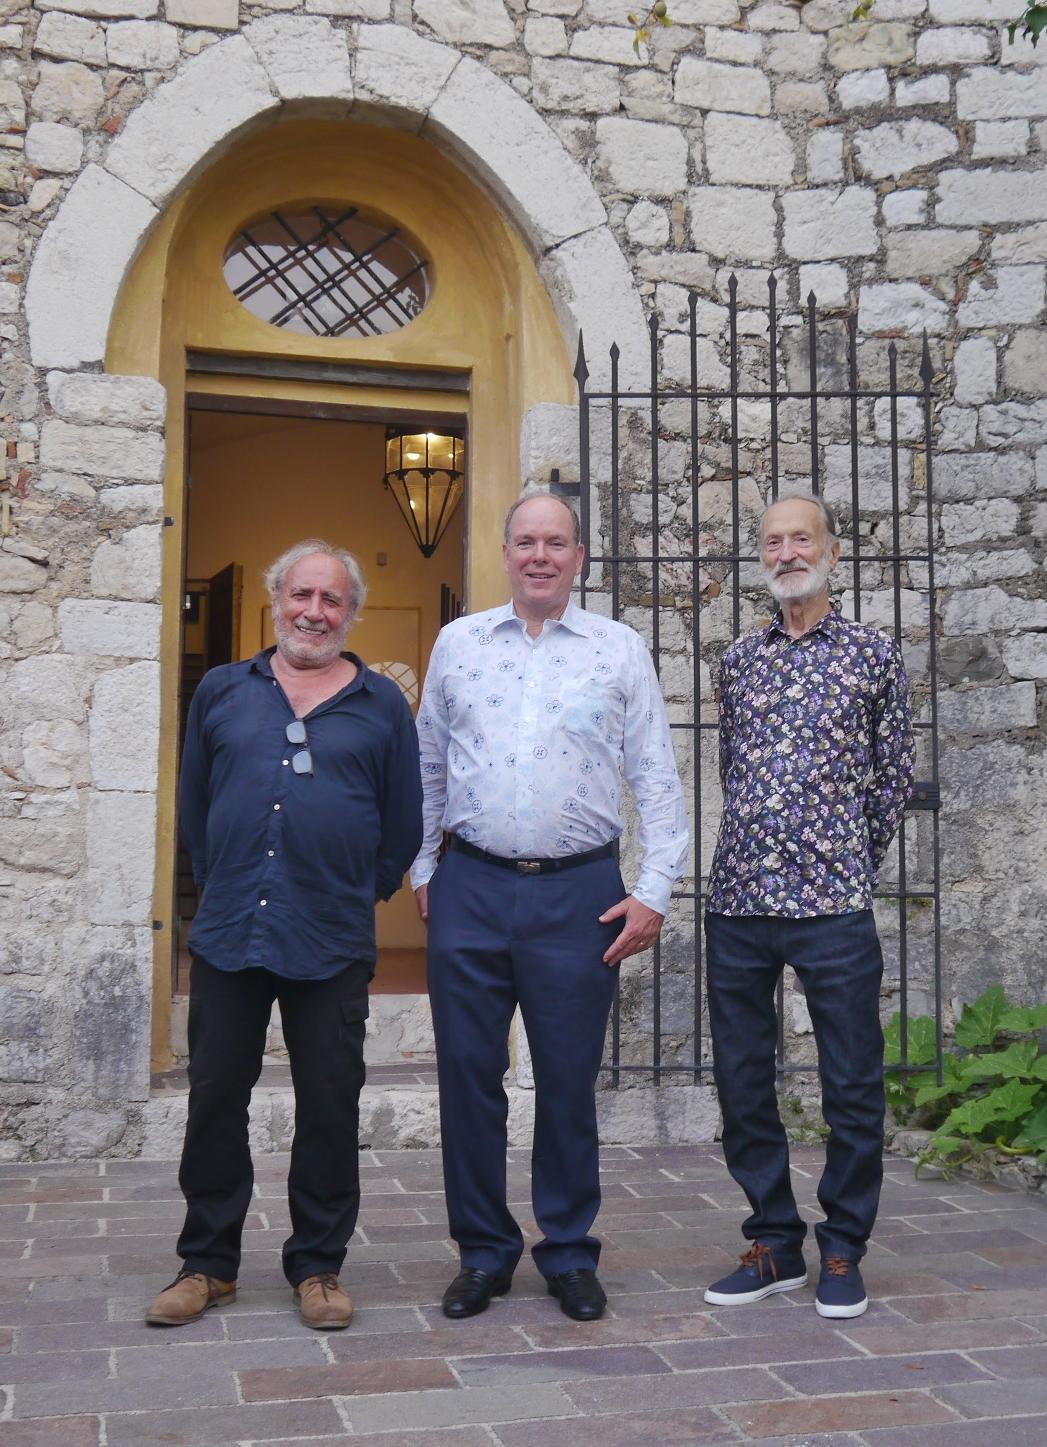 Le Prince Albert II de Monaco est venu découvrir l'exposition de Claude Rosticher à Gorbio.